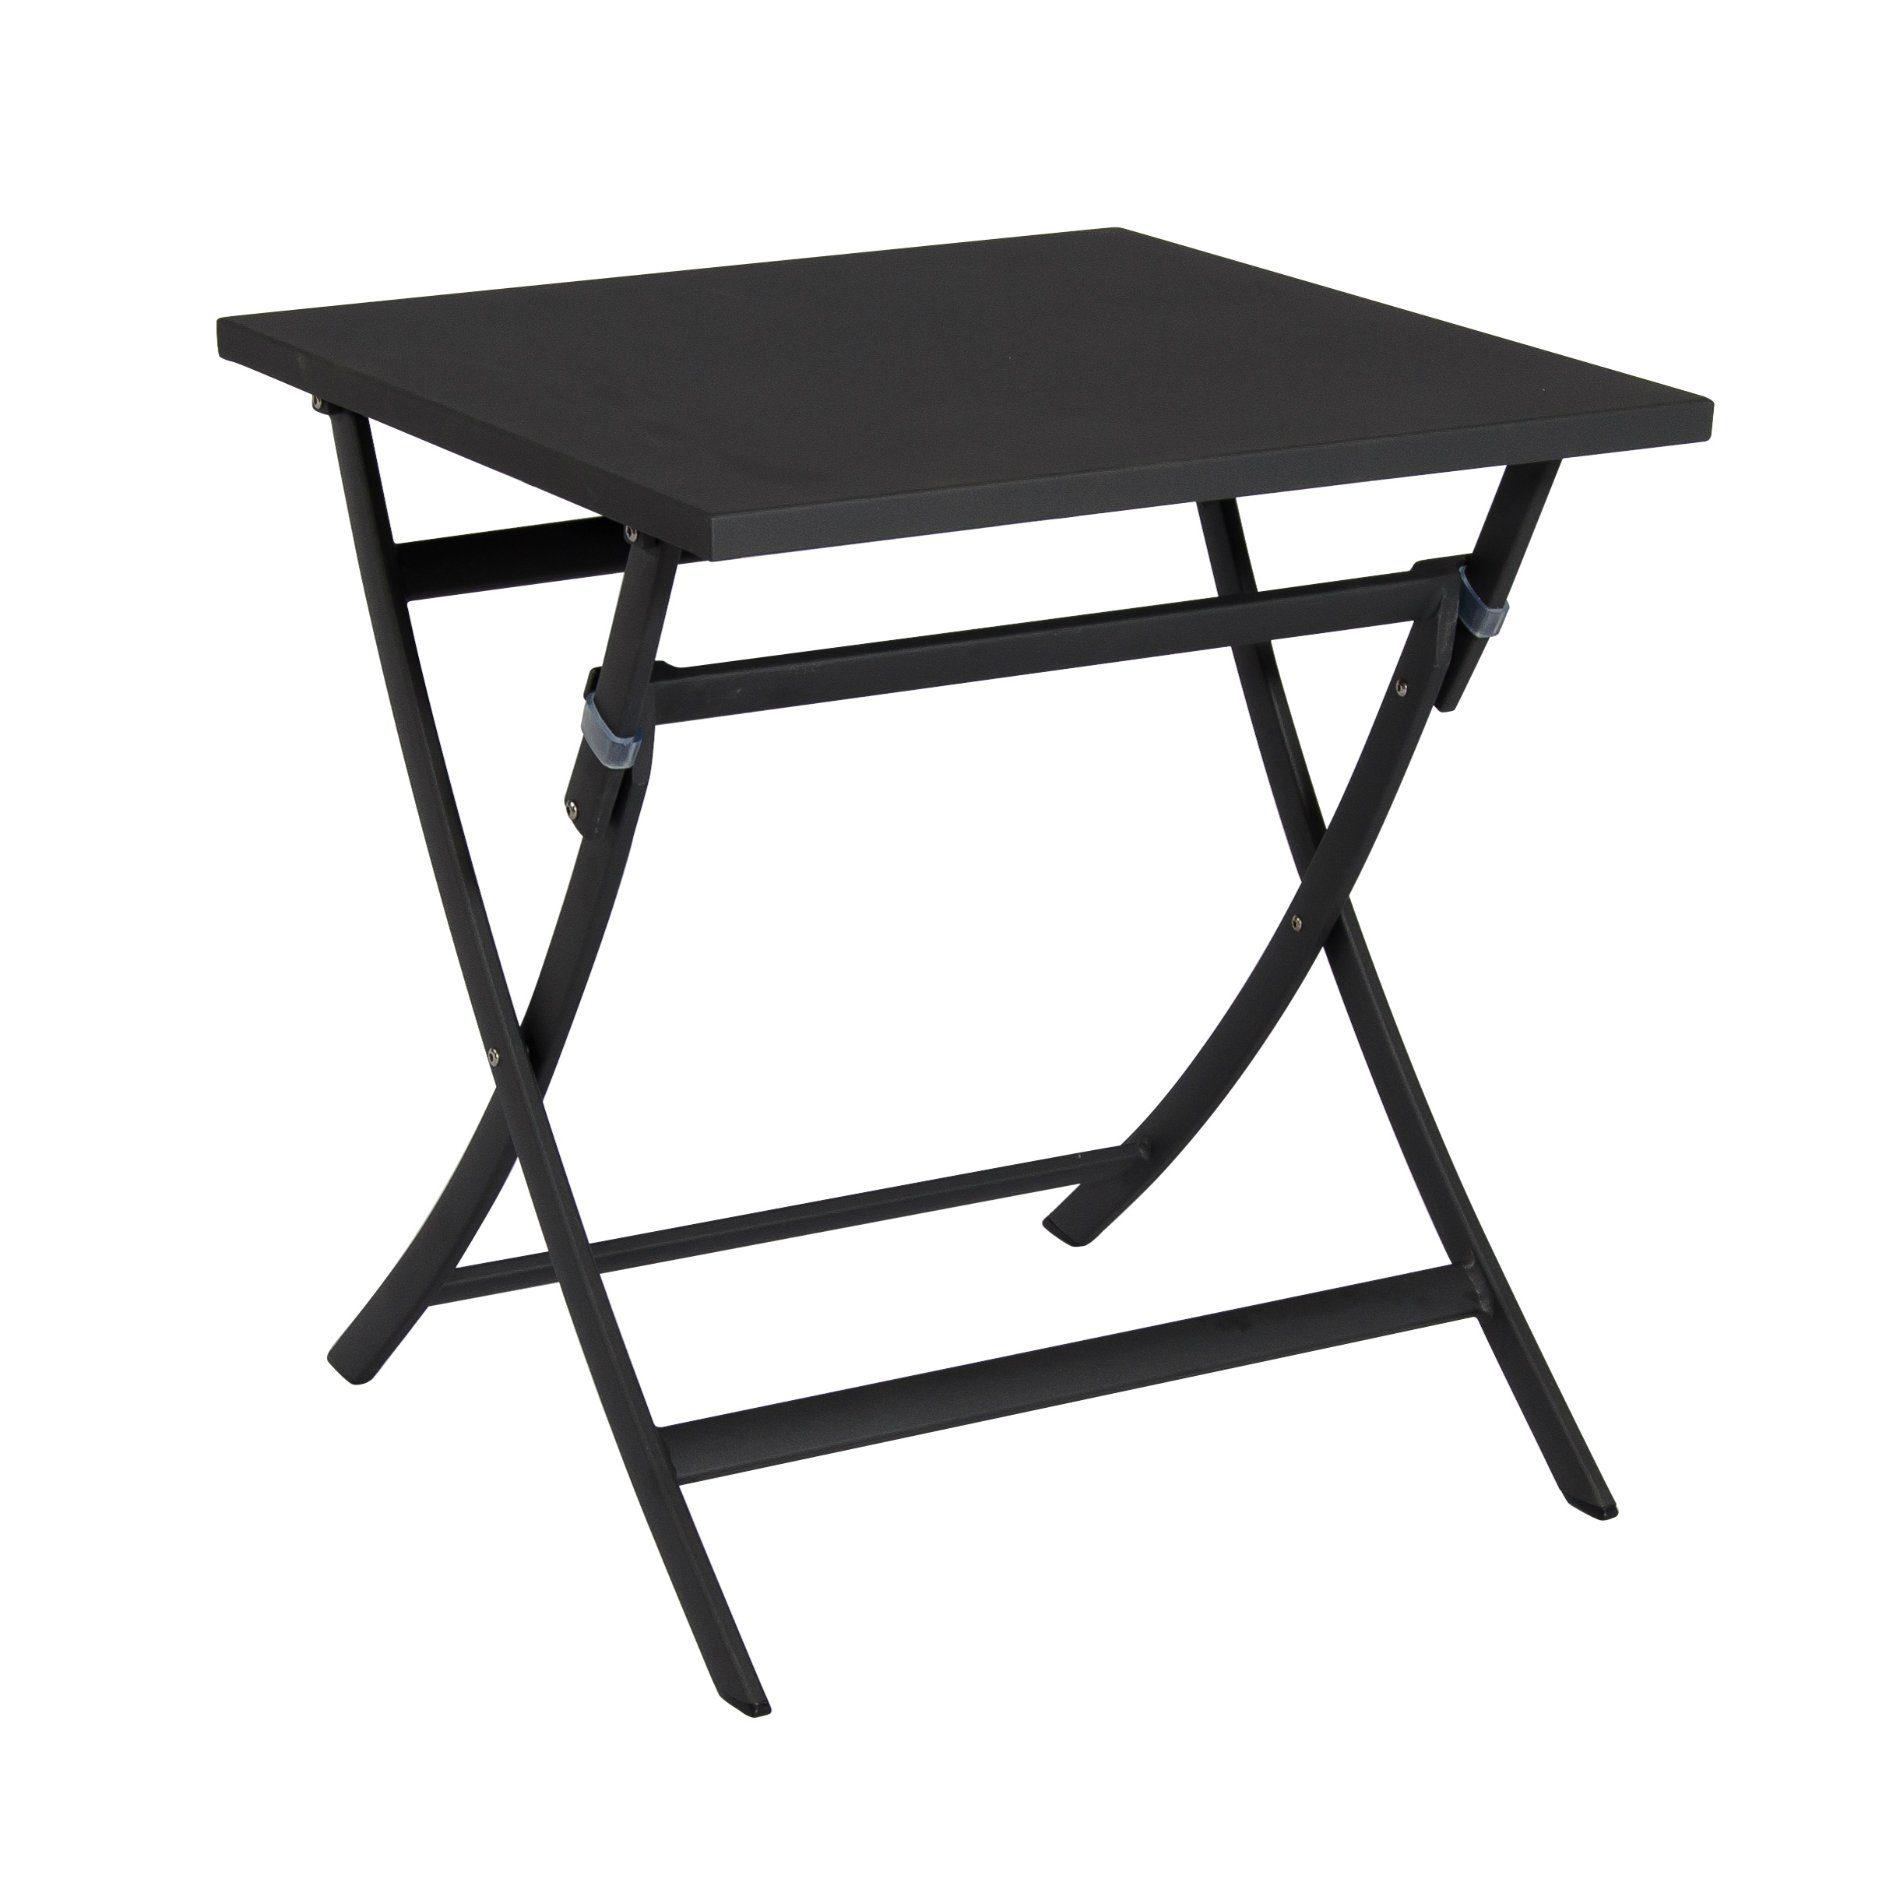 sieger gartentisch klappbar best sieger a bistrotisch mit cm with sieger gartentisch klappbar. Black Bedroom Furniture Sets. Home Design Ideas